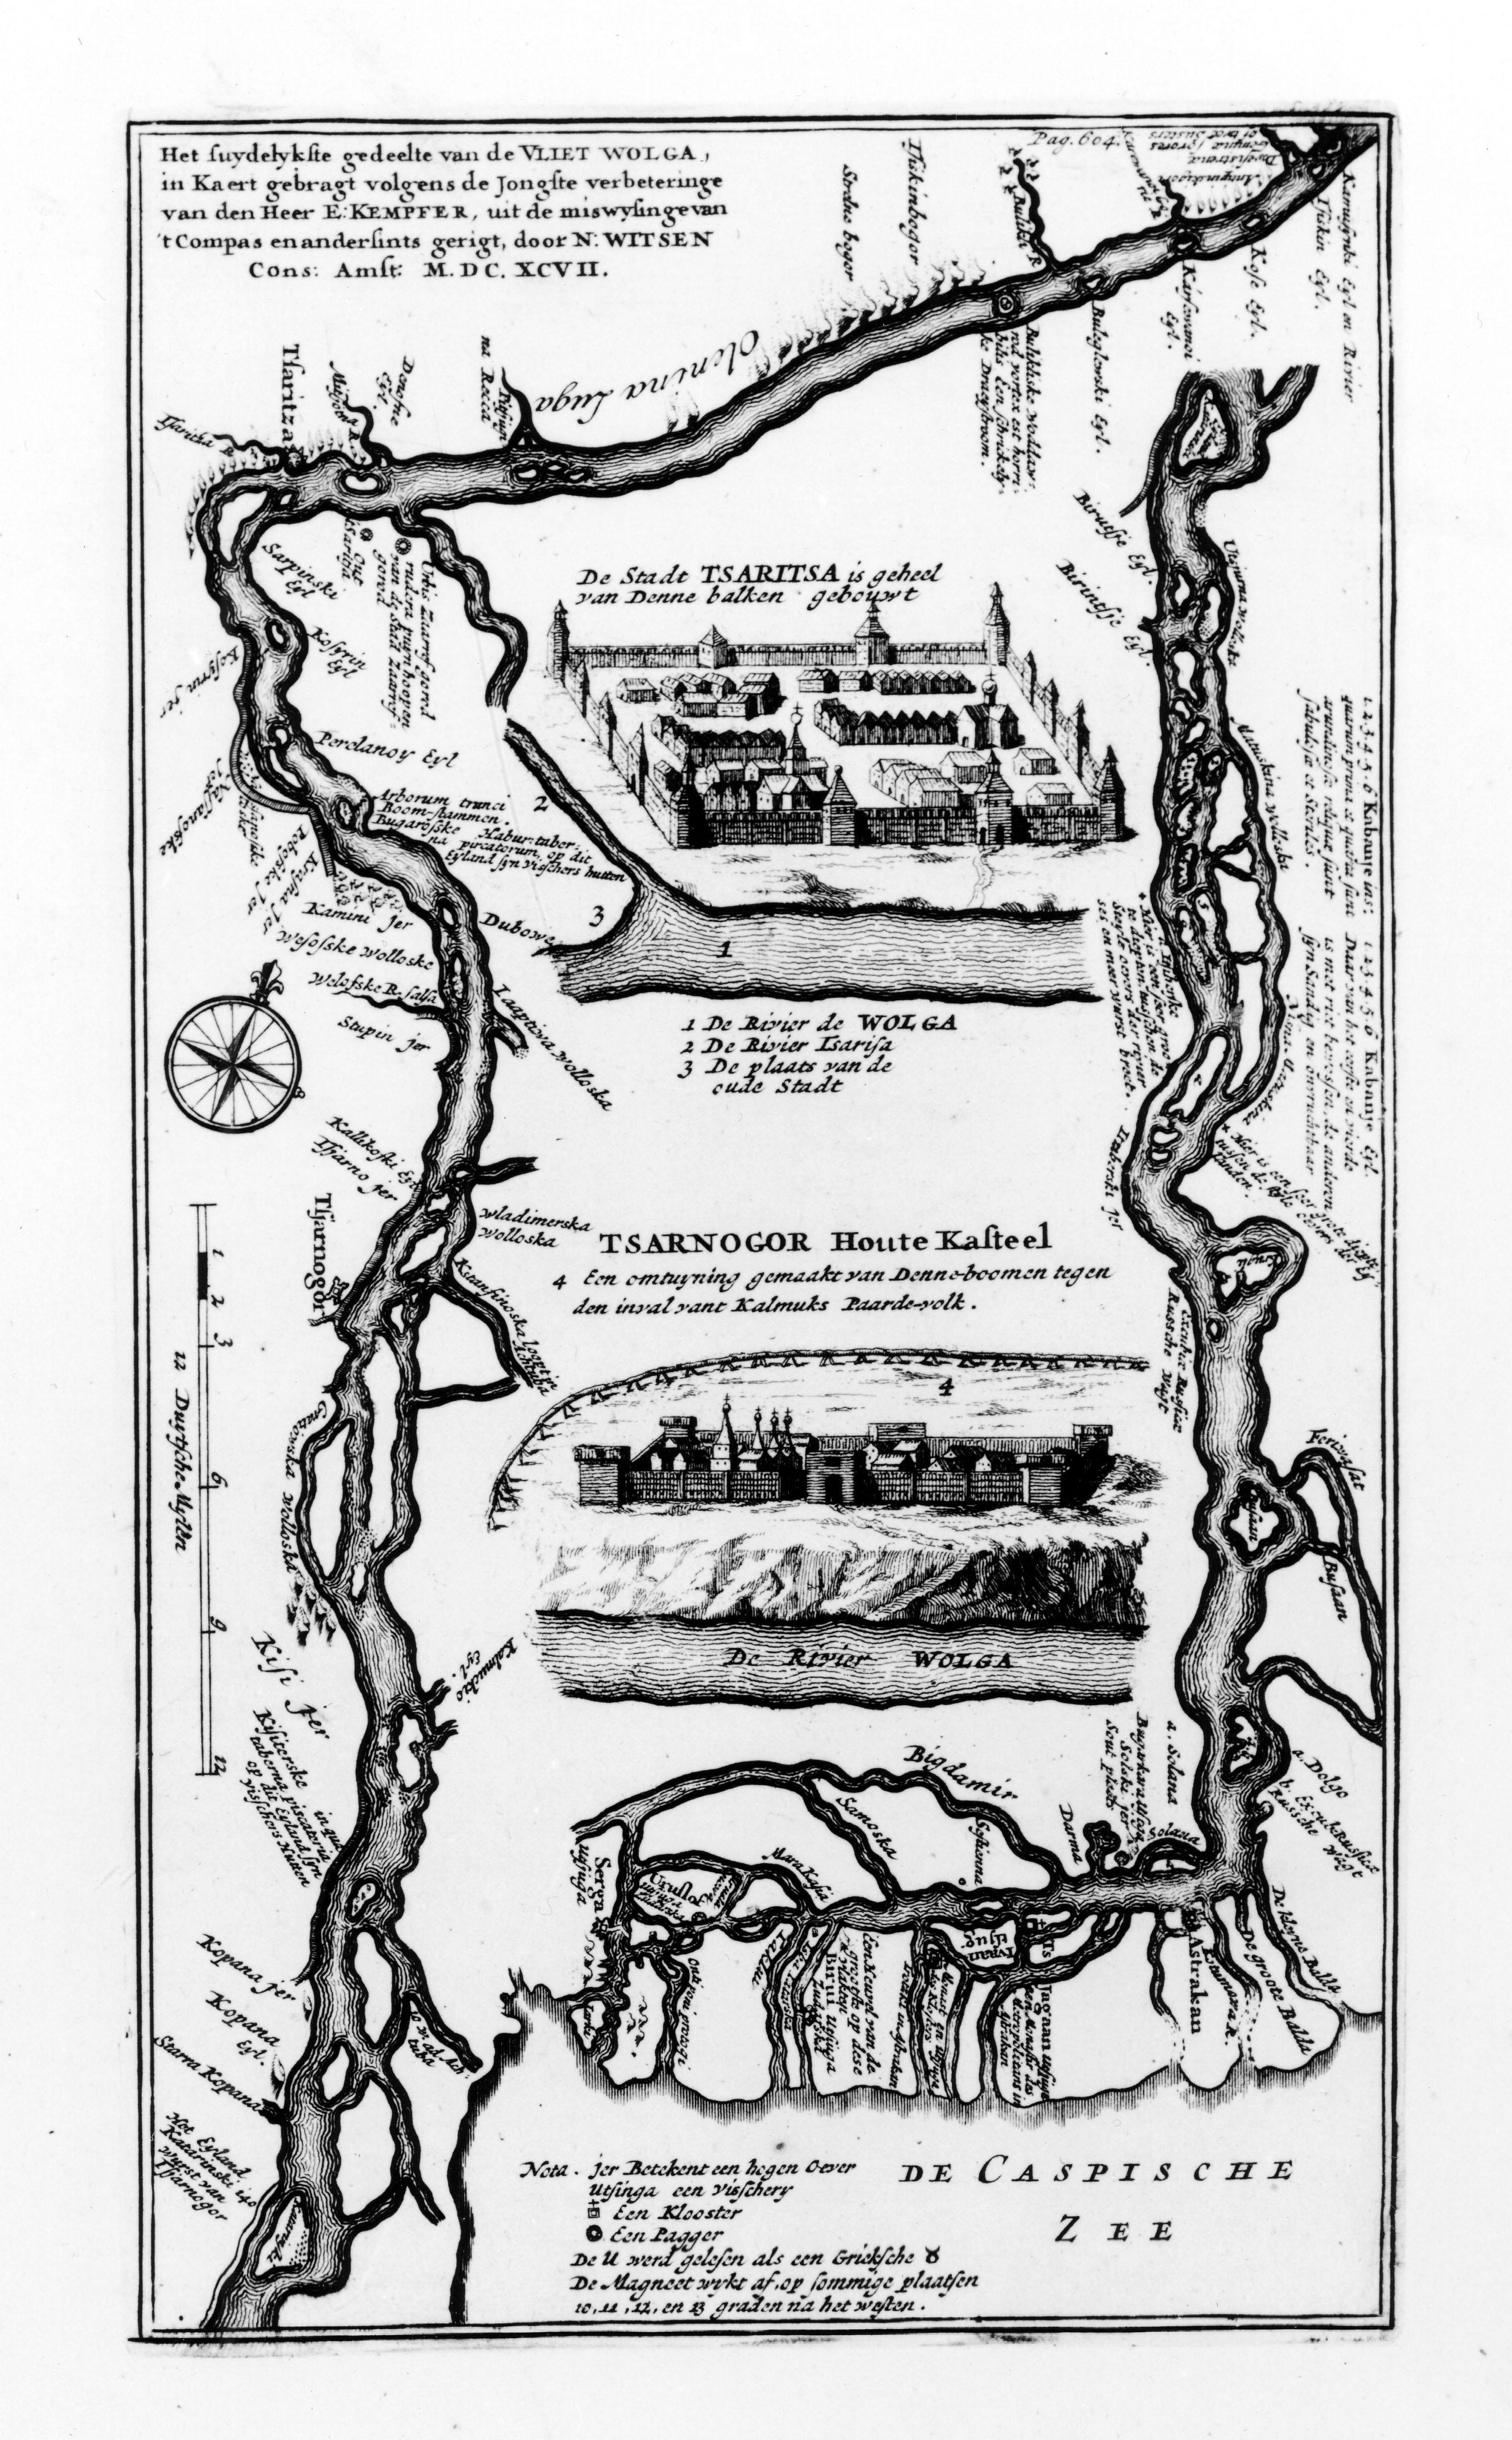 Южная часть реки Волги согласно последним исправлениям Е. Кемпера